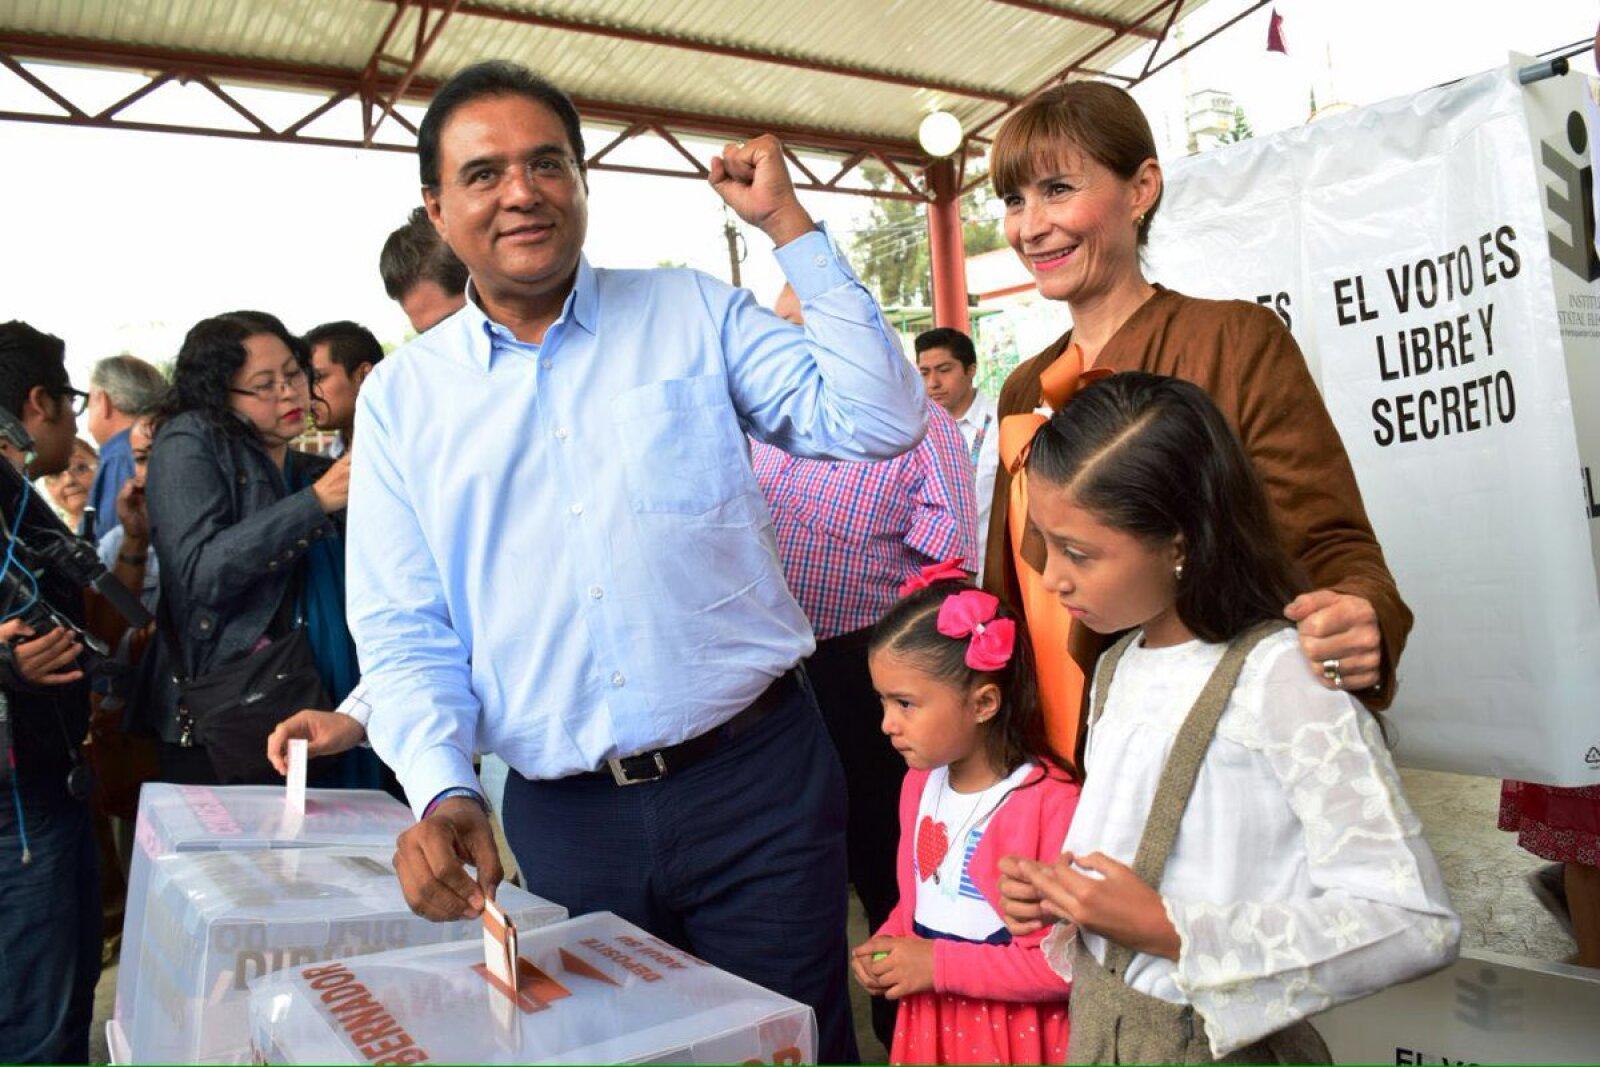 Benjamín Robles Montoya candidato del PT en Oaxaca a la gubernatura, votó en la casilla básica 0481